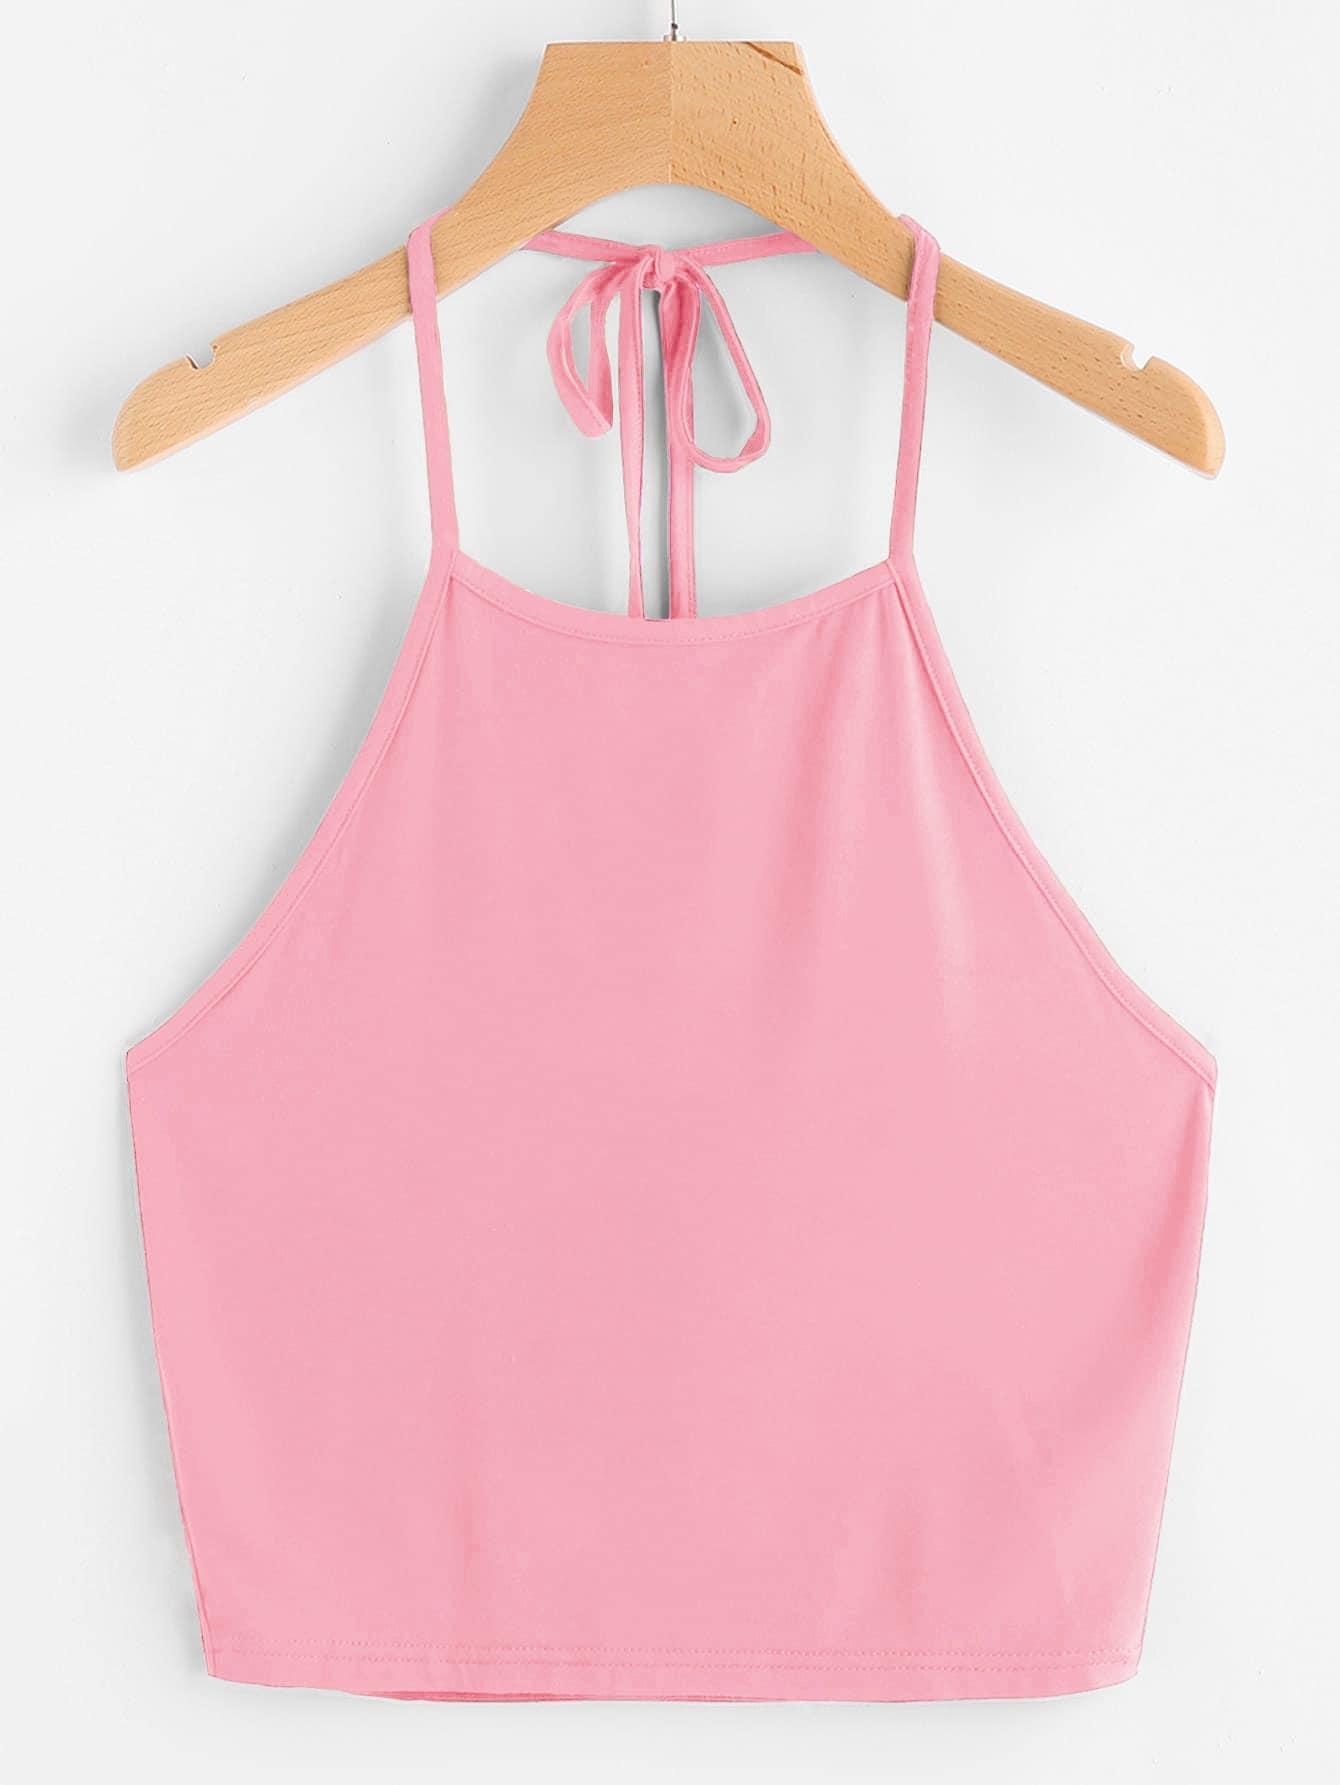 Фото - Топ-халтер с узлом сзади от SheIn розового цвета